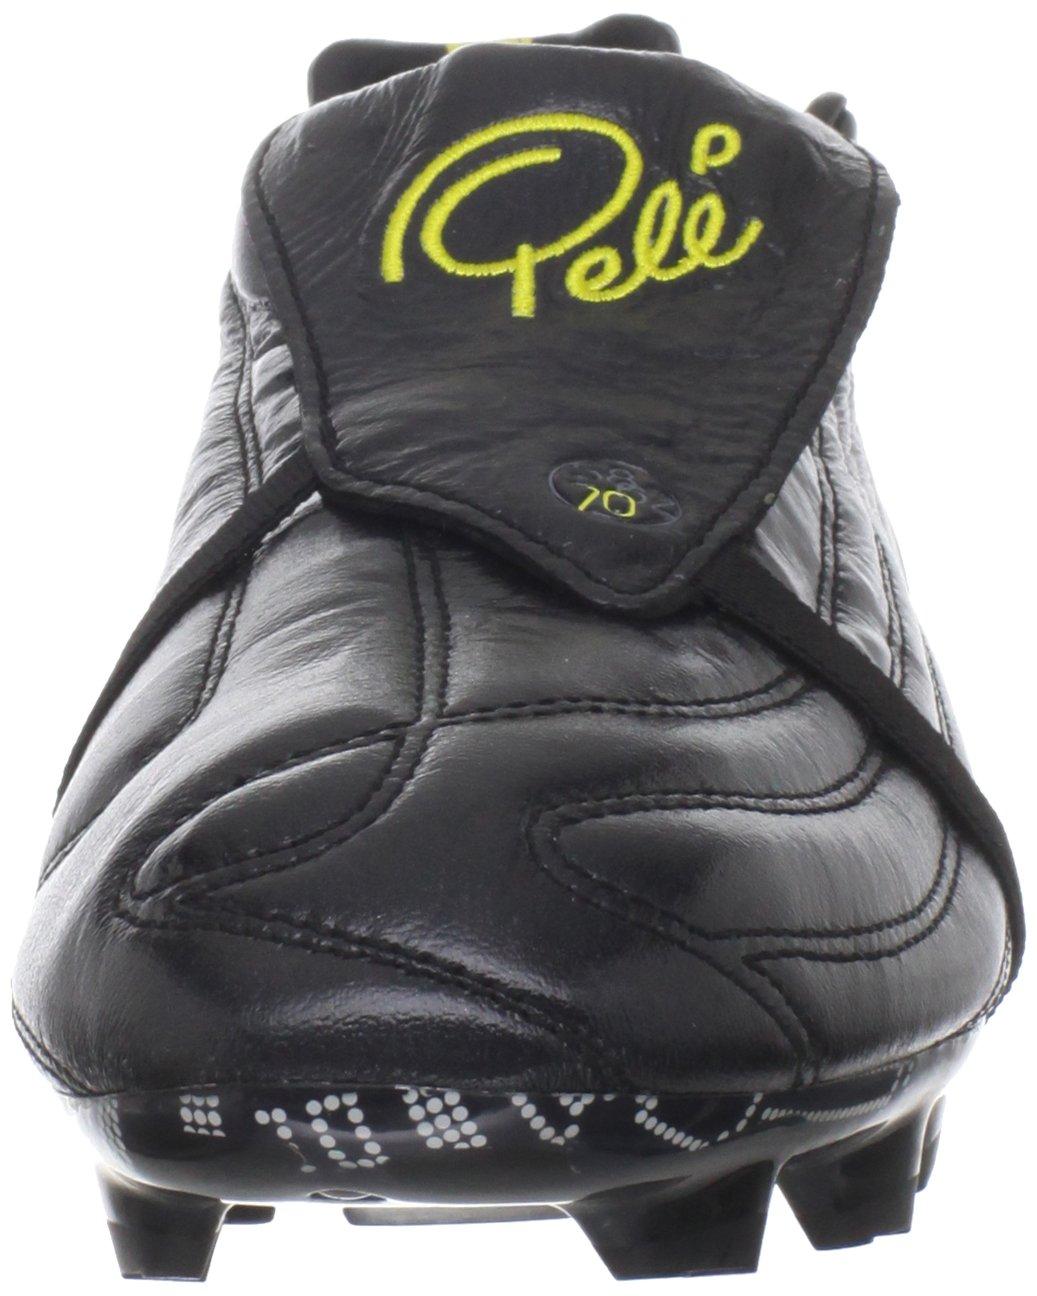 Pelé Sports - Schuhe Schuhe Schuhe 1970FGMS (in 40,5) 196f6d